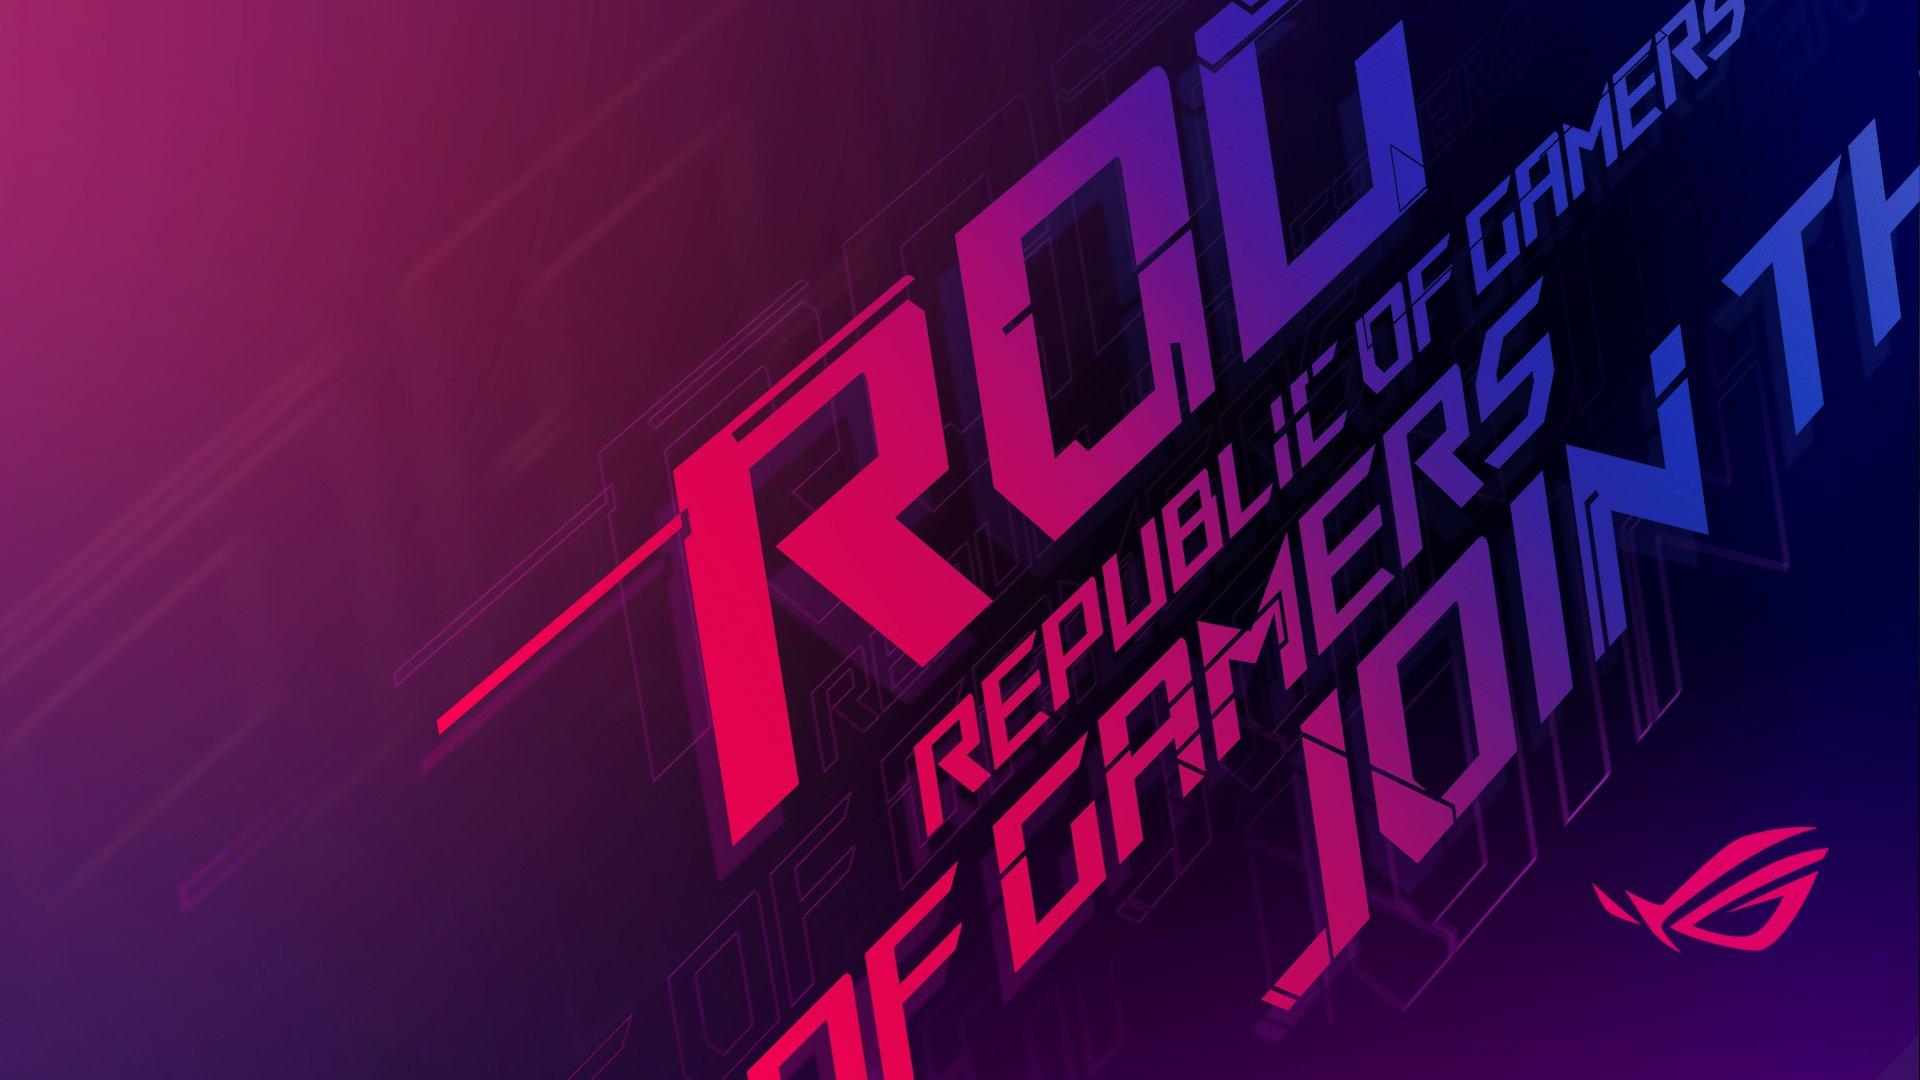 Veda Aco Free Wallpaper Asus Rog Republic Of Gamers Wallpaper